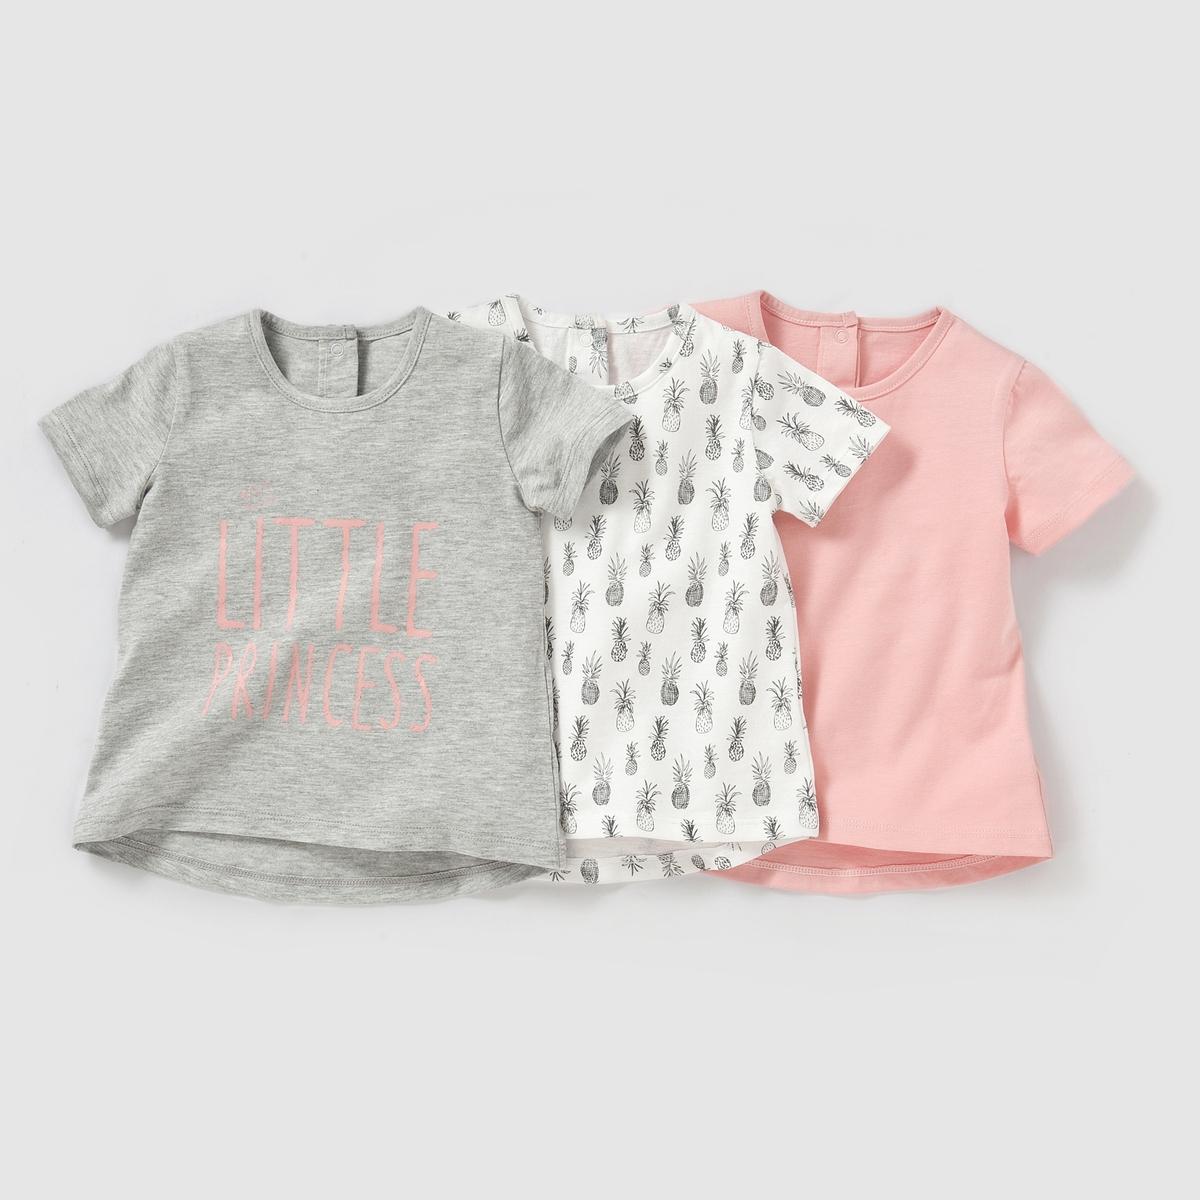 Комплект из 3 футболок с принтом, 1 мес. - 3 годаКомплект из 3 футболок с короткими рукавами: 1 серая футболка + 1 футболка с принтом ананас + 1 розовая футболка. Застежка на кнопки на спине.Состав и описаниеМатериал: джерси, 100% хлопкаМарка            LES PETITS PRIX.УходМашинная стирка при 40°Сушить в машине в умеренном режимеУтюжка при средней температуре<br><br>Цвет: серый меланж + розовый + белый<br>Размер: 6 мес. - 67 см